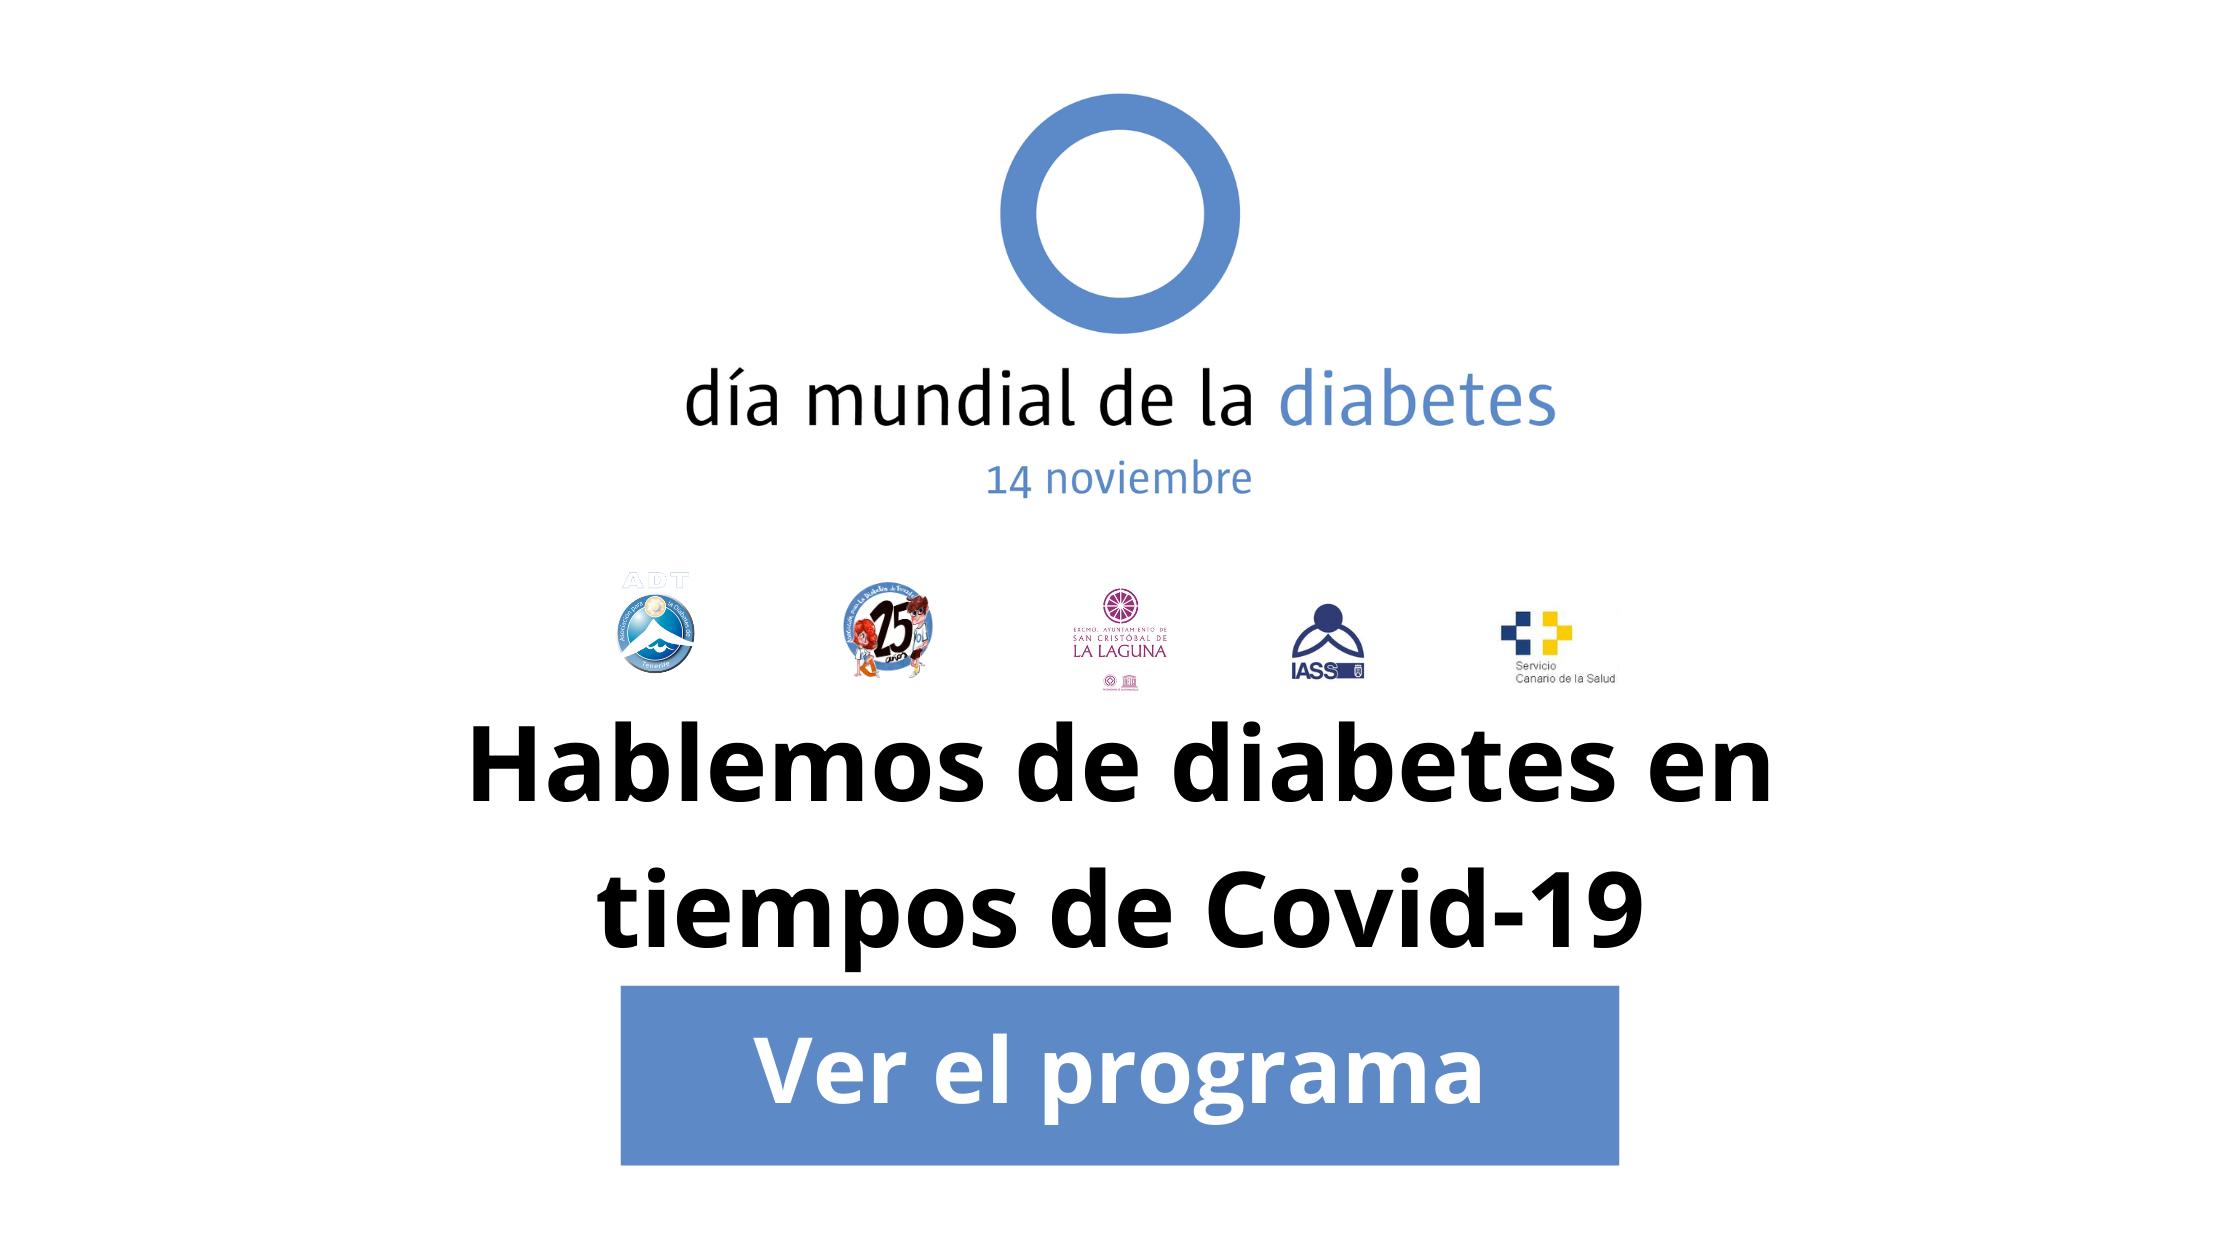 El 14 de noviembre celebramos el Día Mundial de la Diabetes